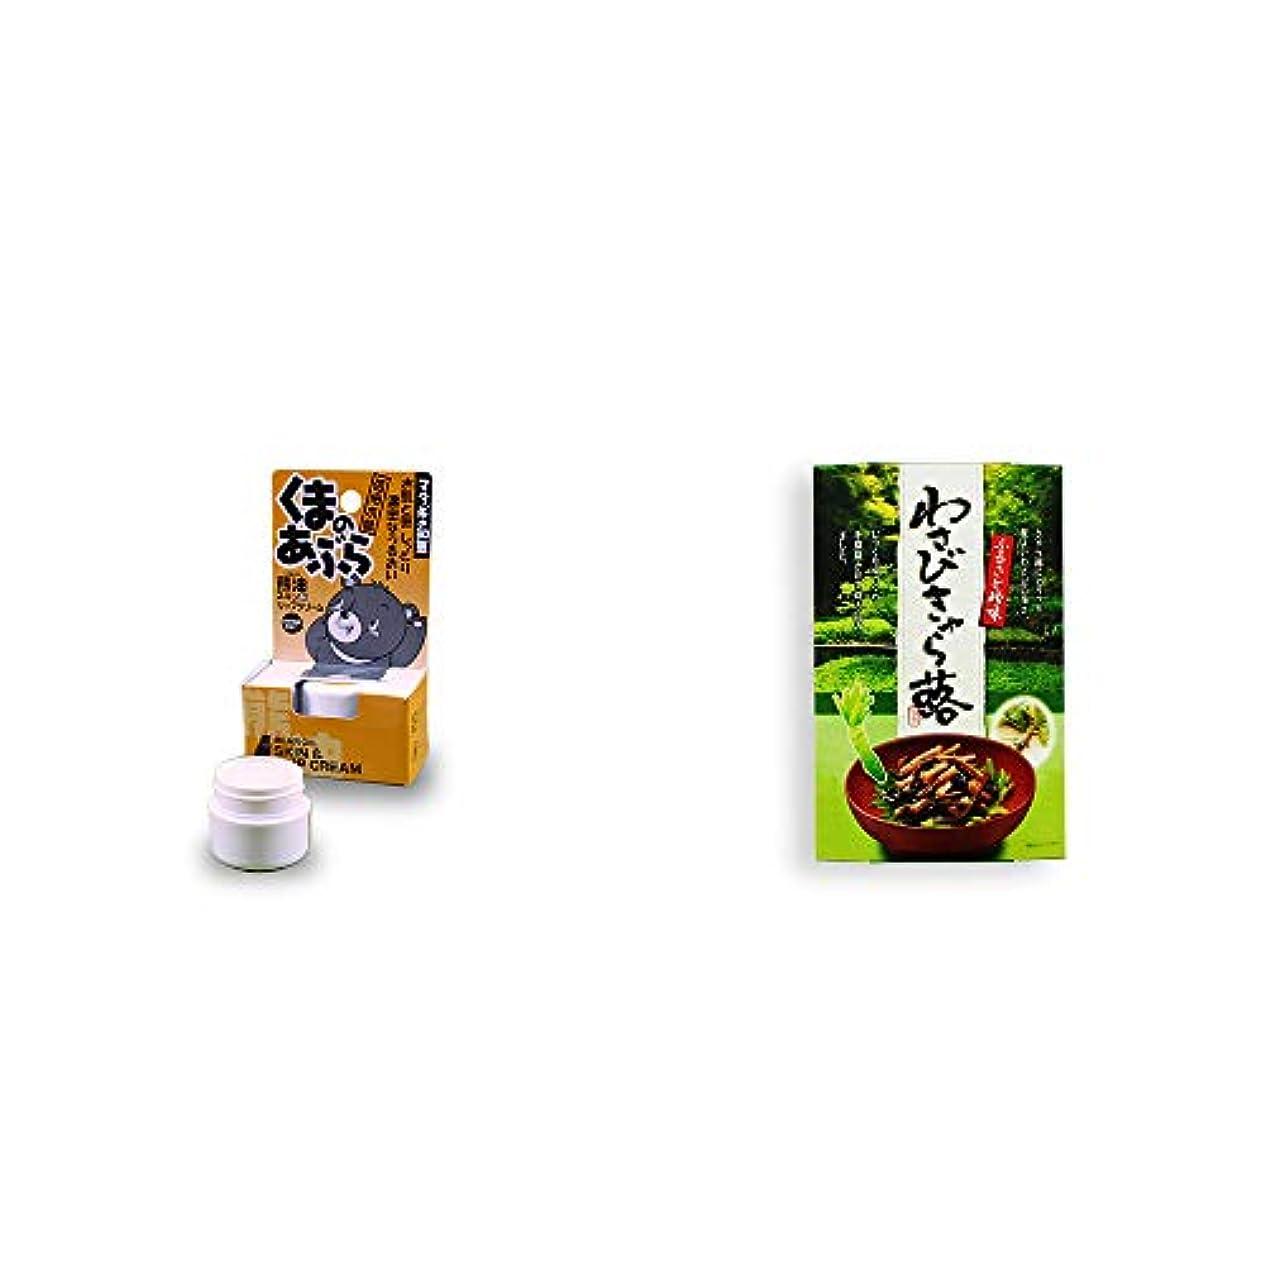 パック追い付く詳細な[2点セット] 信州木曽 くまのあぶら 熊油スキン&リップクリーム(9g)?わさびきゃら蕗(180g)